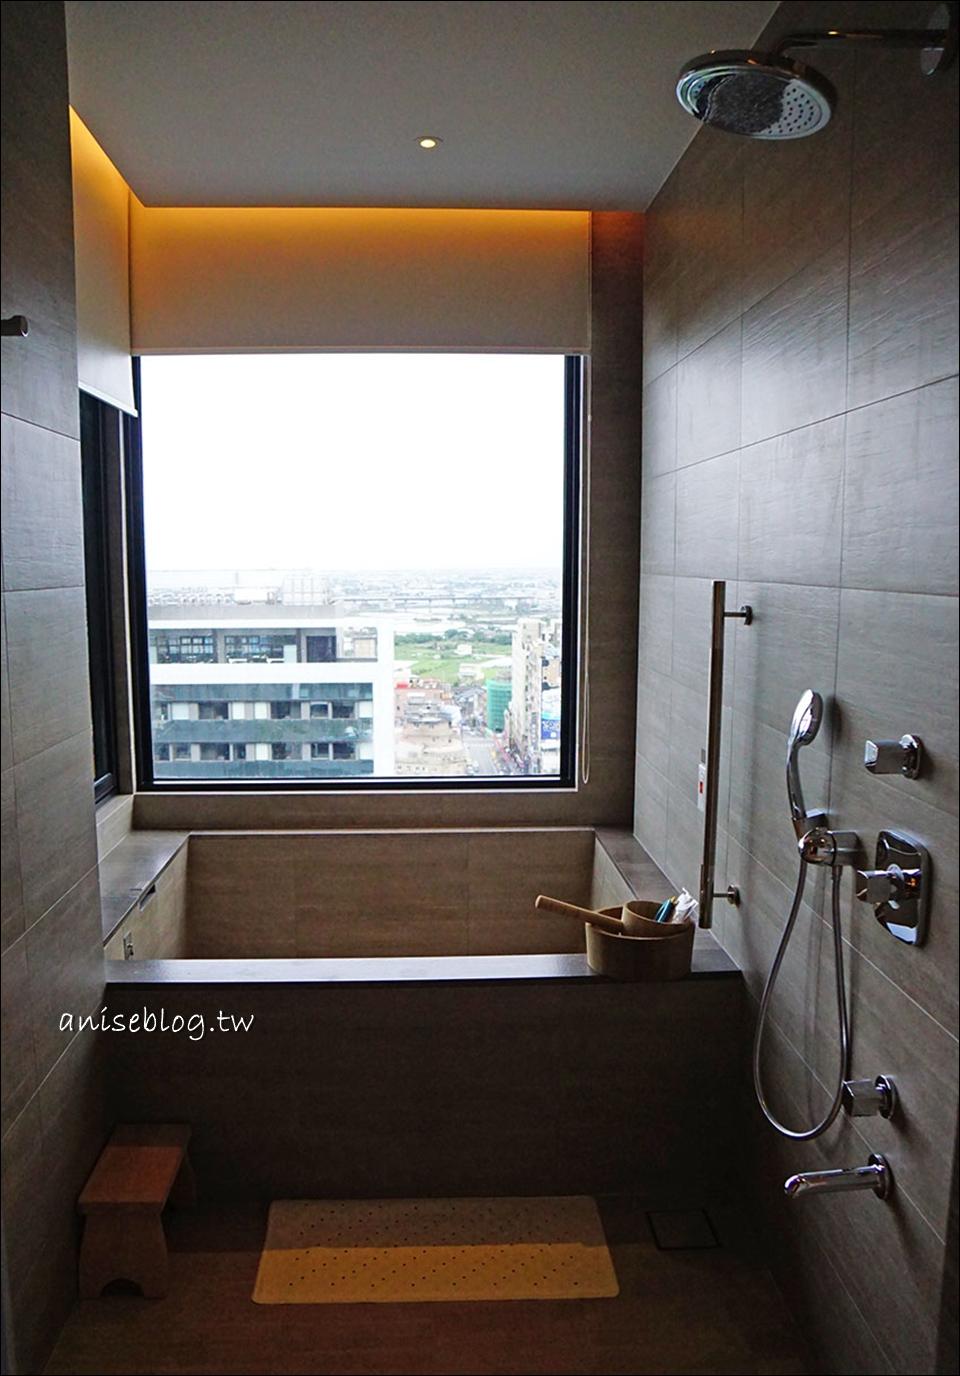 礁溪寒沐酒店 | 礁溪新開幕高級溫泉酒店